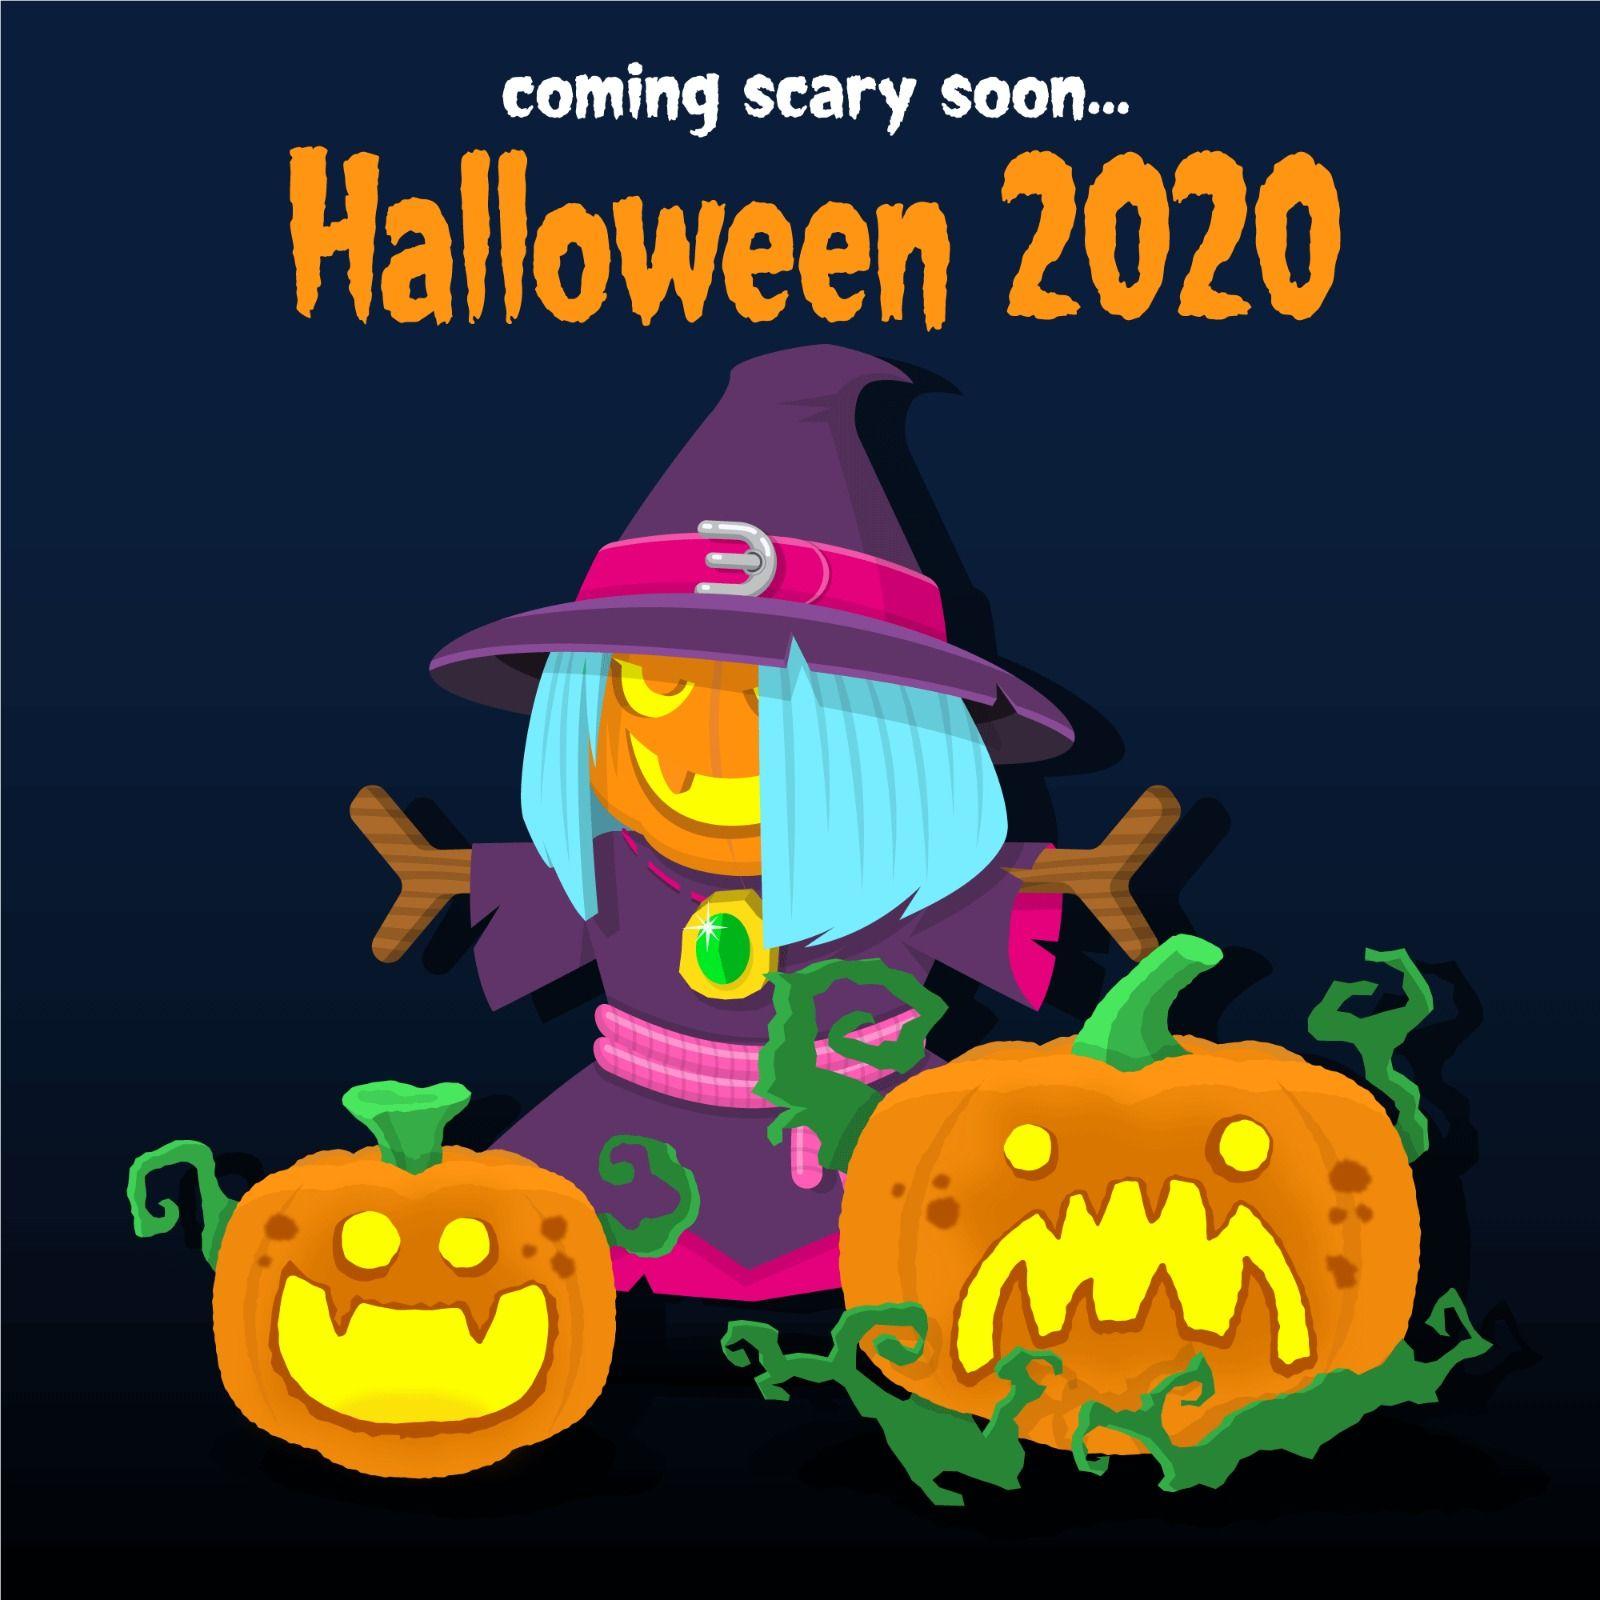 Halloween 2020 Wikiu Halloween 2020 | Box Critters Wiki | Fandom